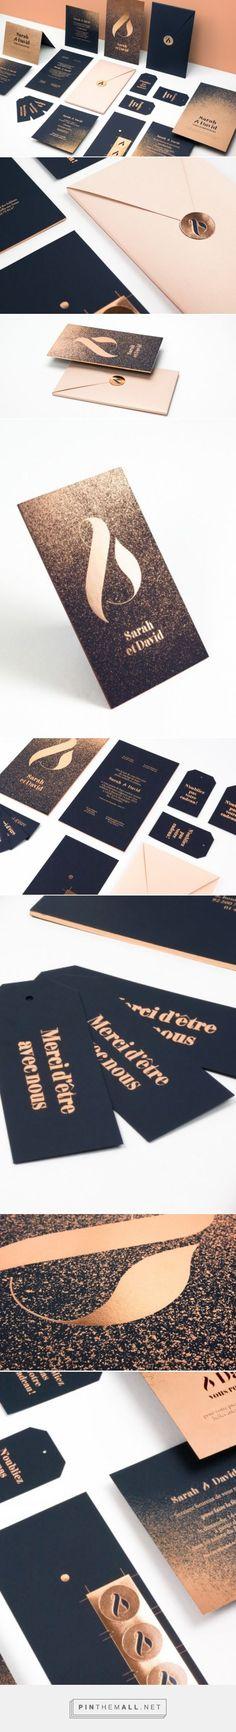 Set de faire-part de mariage, L'Imprimerie du Marais ✌ FØLSOM Studio #graphic #design #fairepart #mariage #wedding #invite #invitation #hautecouture